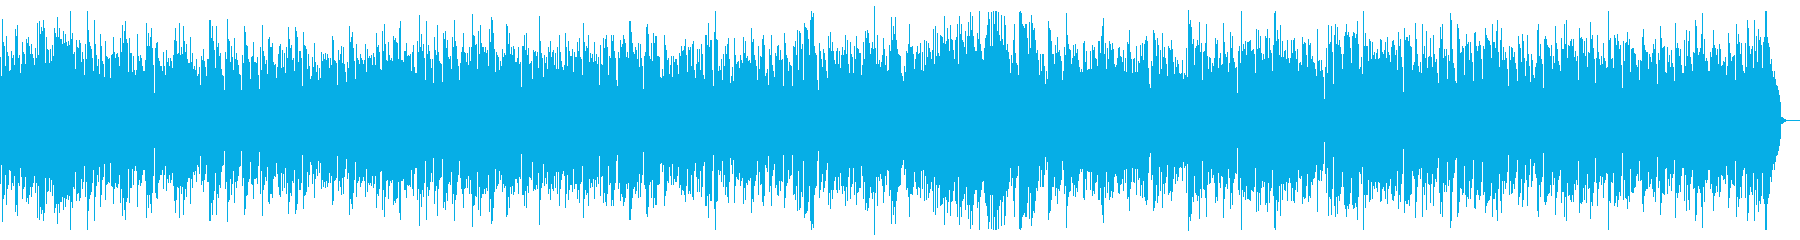 エレクトリックピアノのゆったりボサノバの再生済みの波形